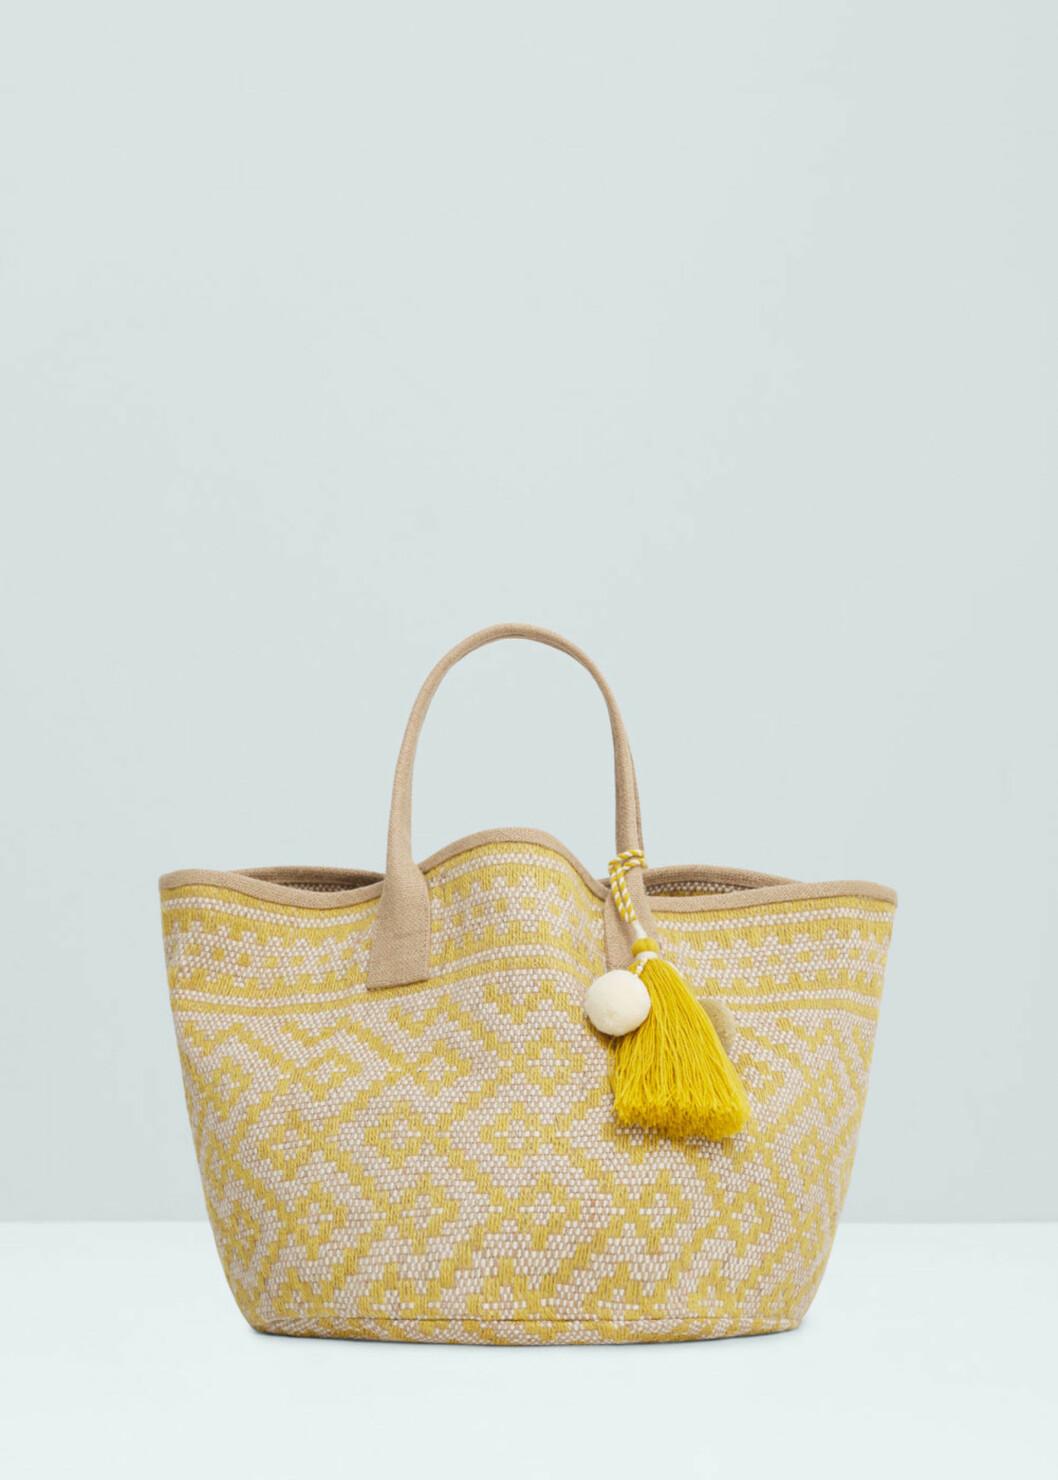 Veske fra Mango | kr 199 | http://shop.mango.com/NO/p1/damer/tilbeh%C3%B8r/vesker/skuldervesker/jacquard-veske-i-jute/?id=63037573_12&n=1&s=accesorios.bolsos&ts=1470136010811